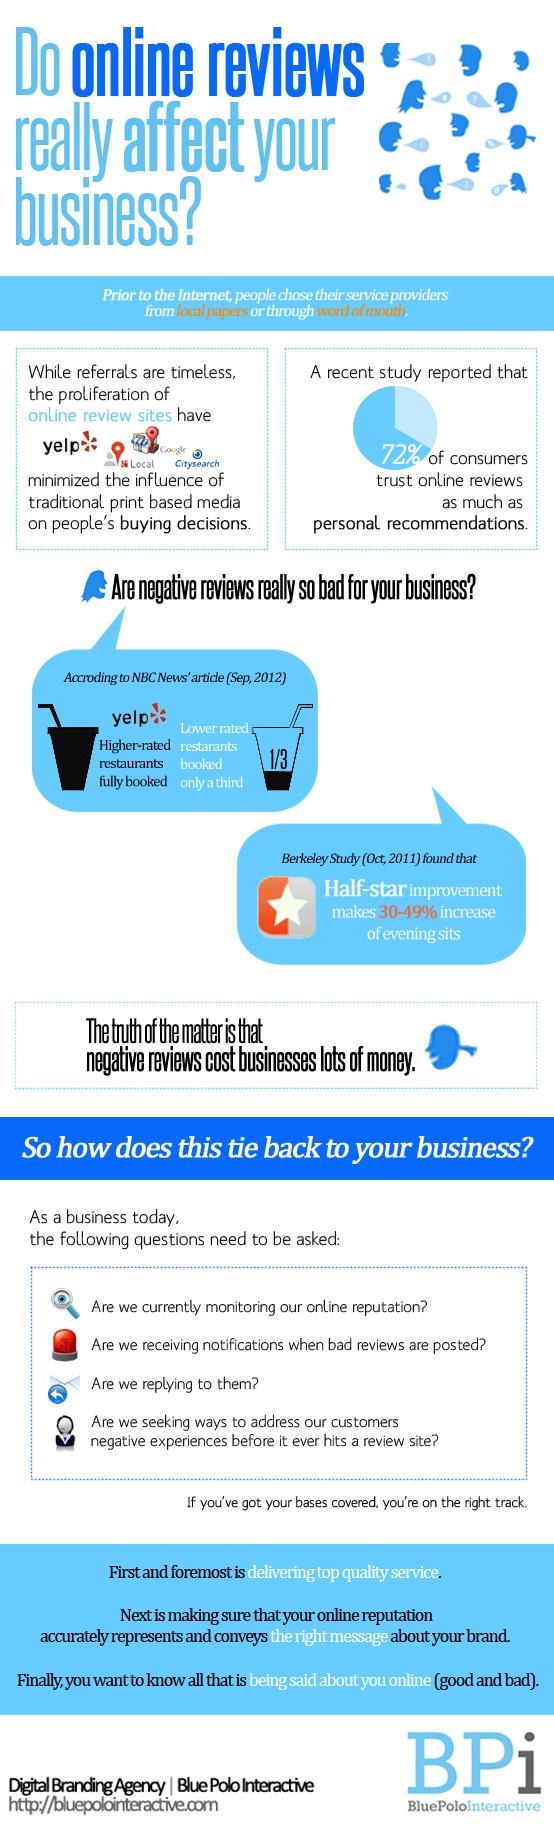 do-online-reviews-really-affect-your-business_512e3e2f57fcd